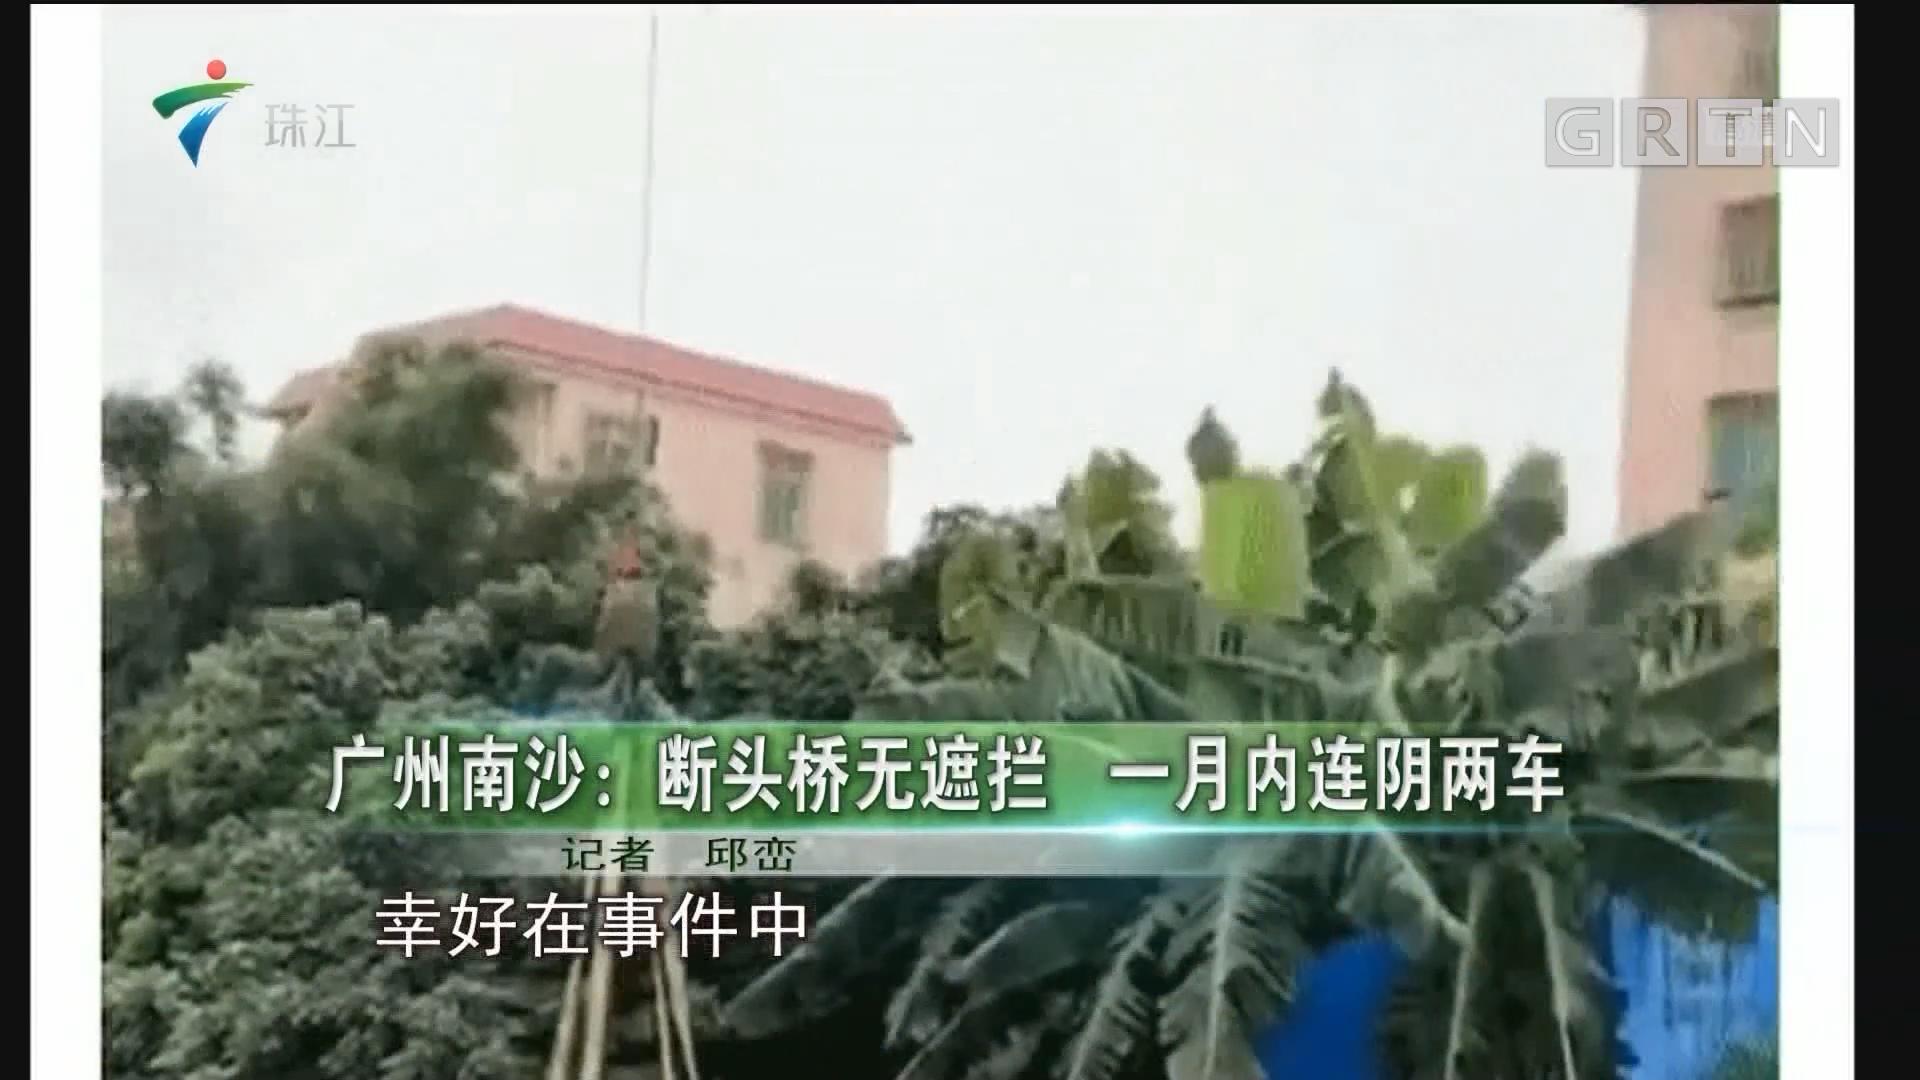 广州南沙:断头桥无遮拦 一月内连阴两车